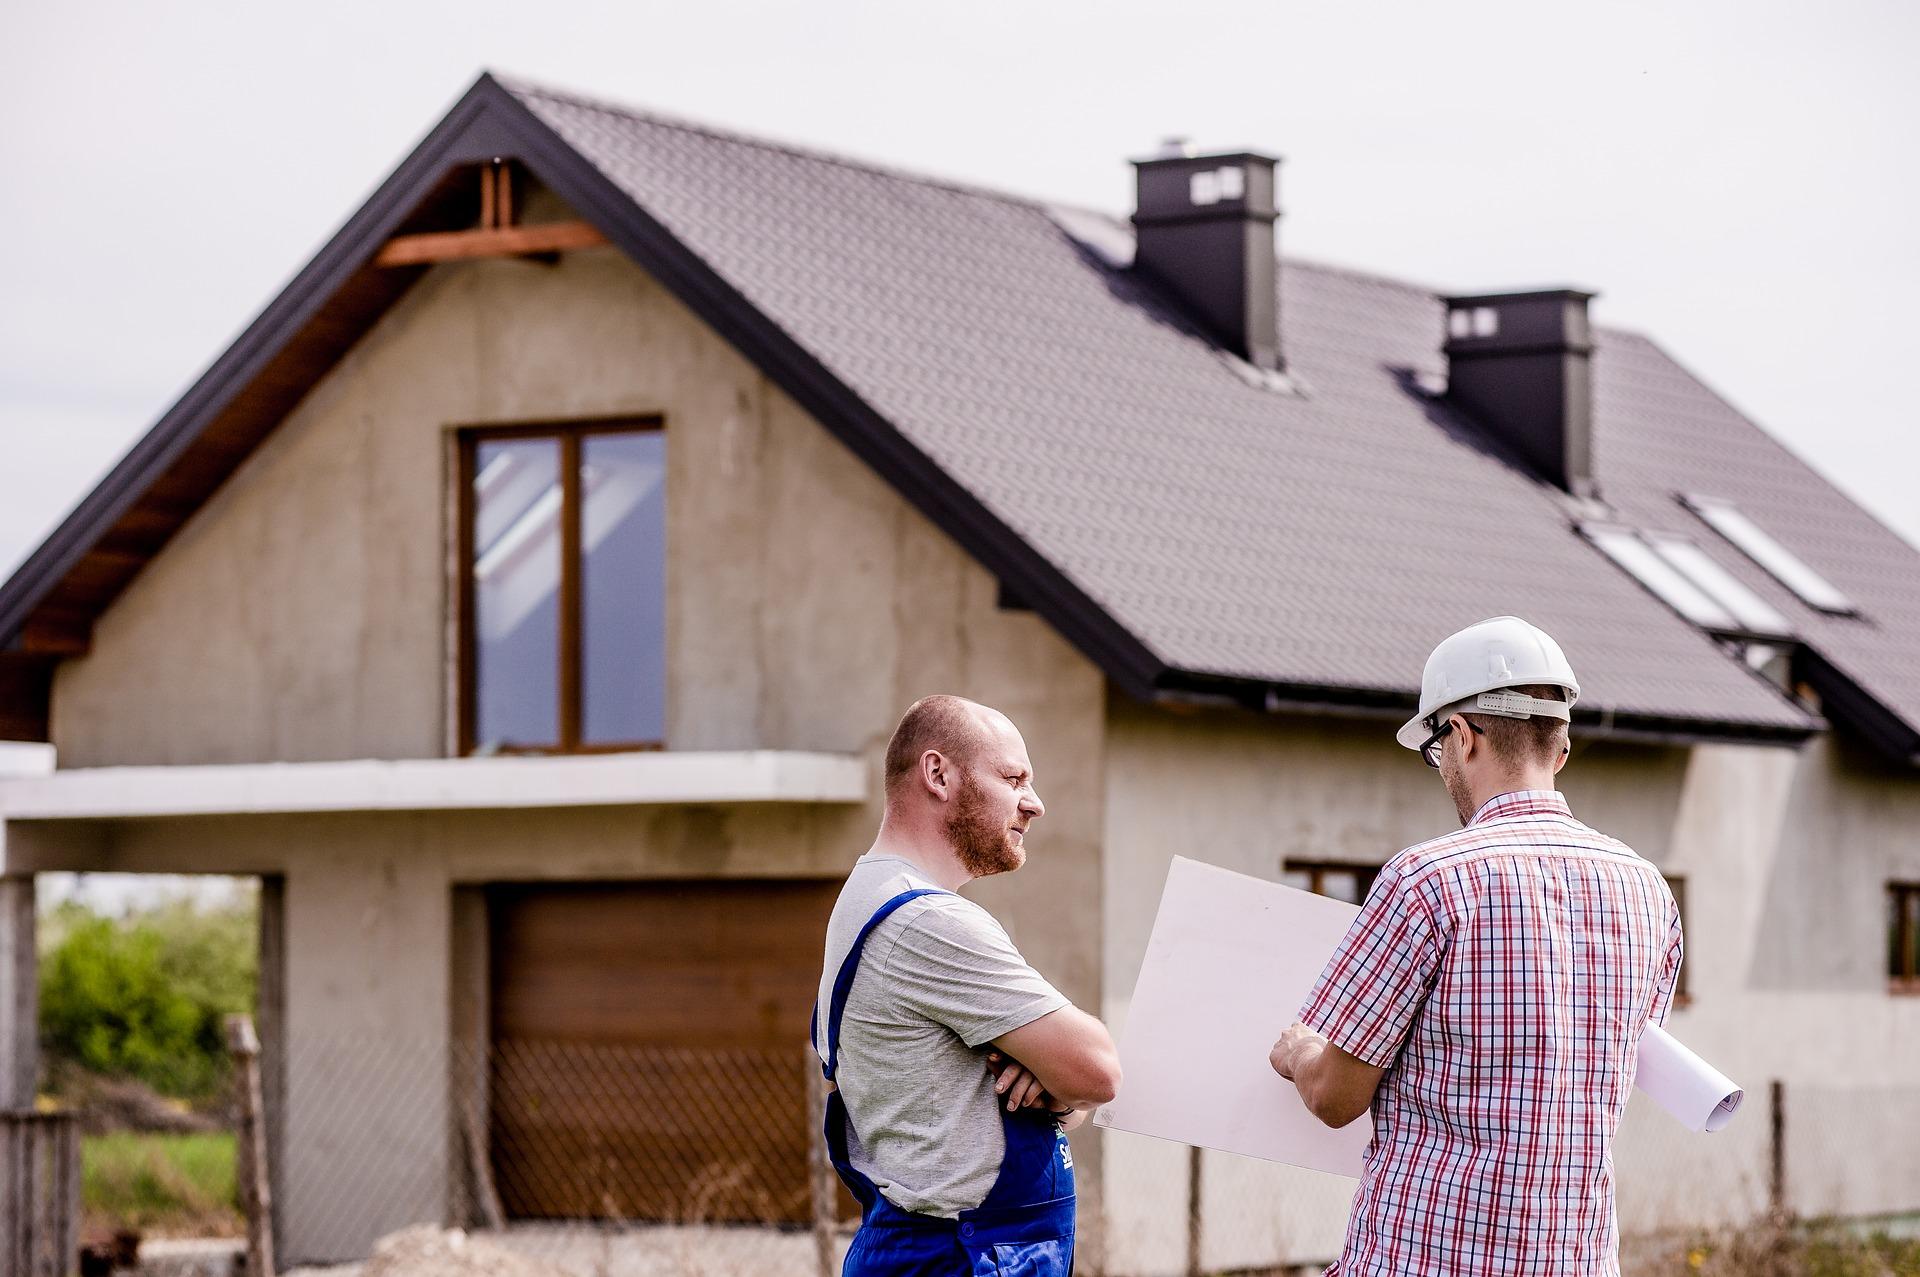 Jakie pokrycie dachowe wybrać? Blacha stalowa i trapezowa, gonty bitumiczne, dachówki betonowe?